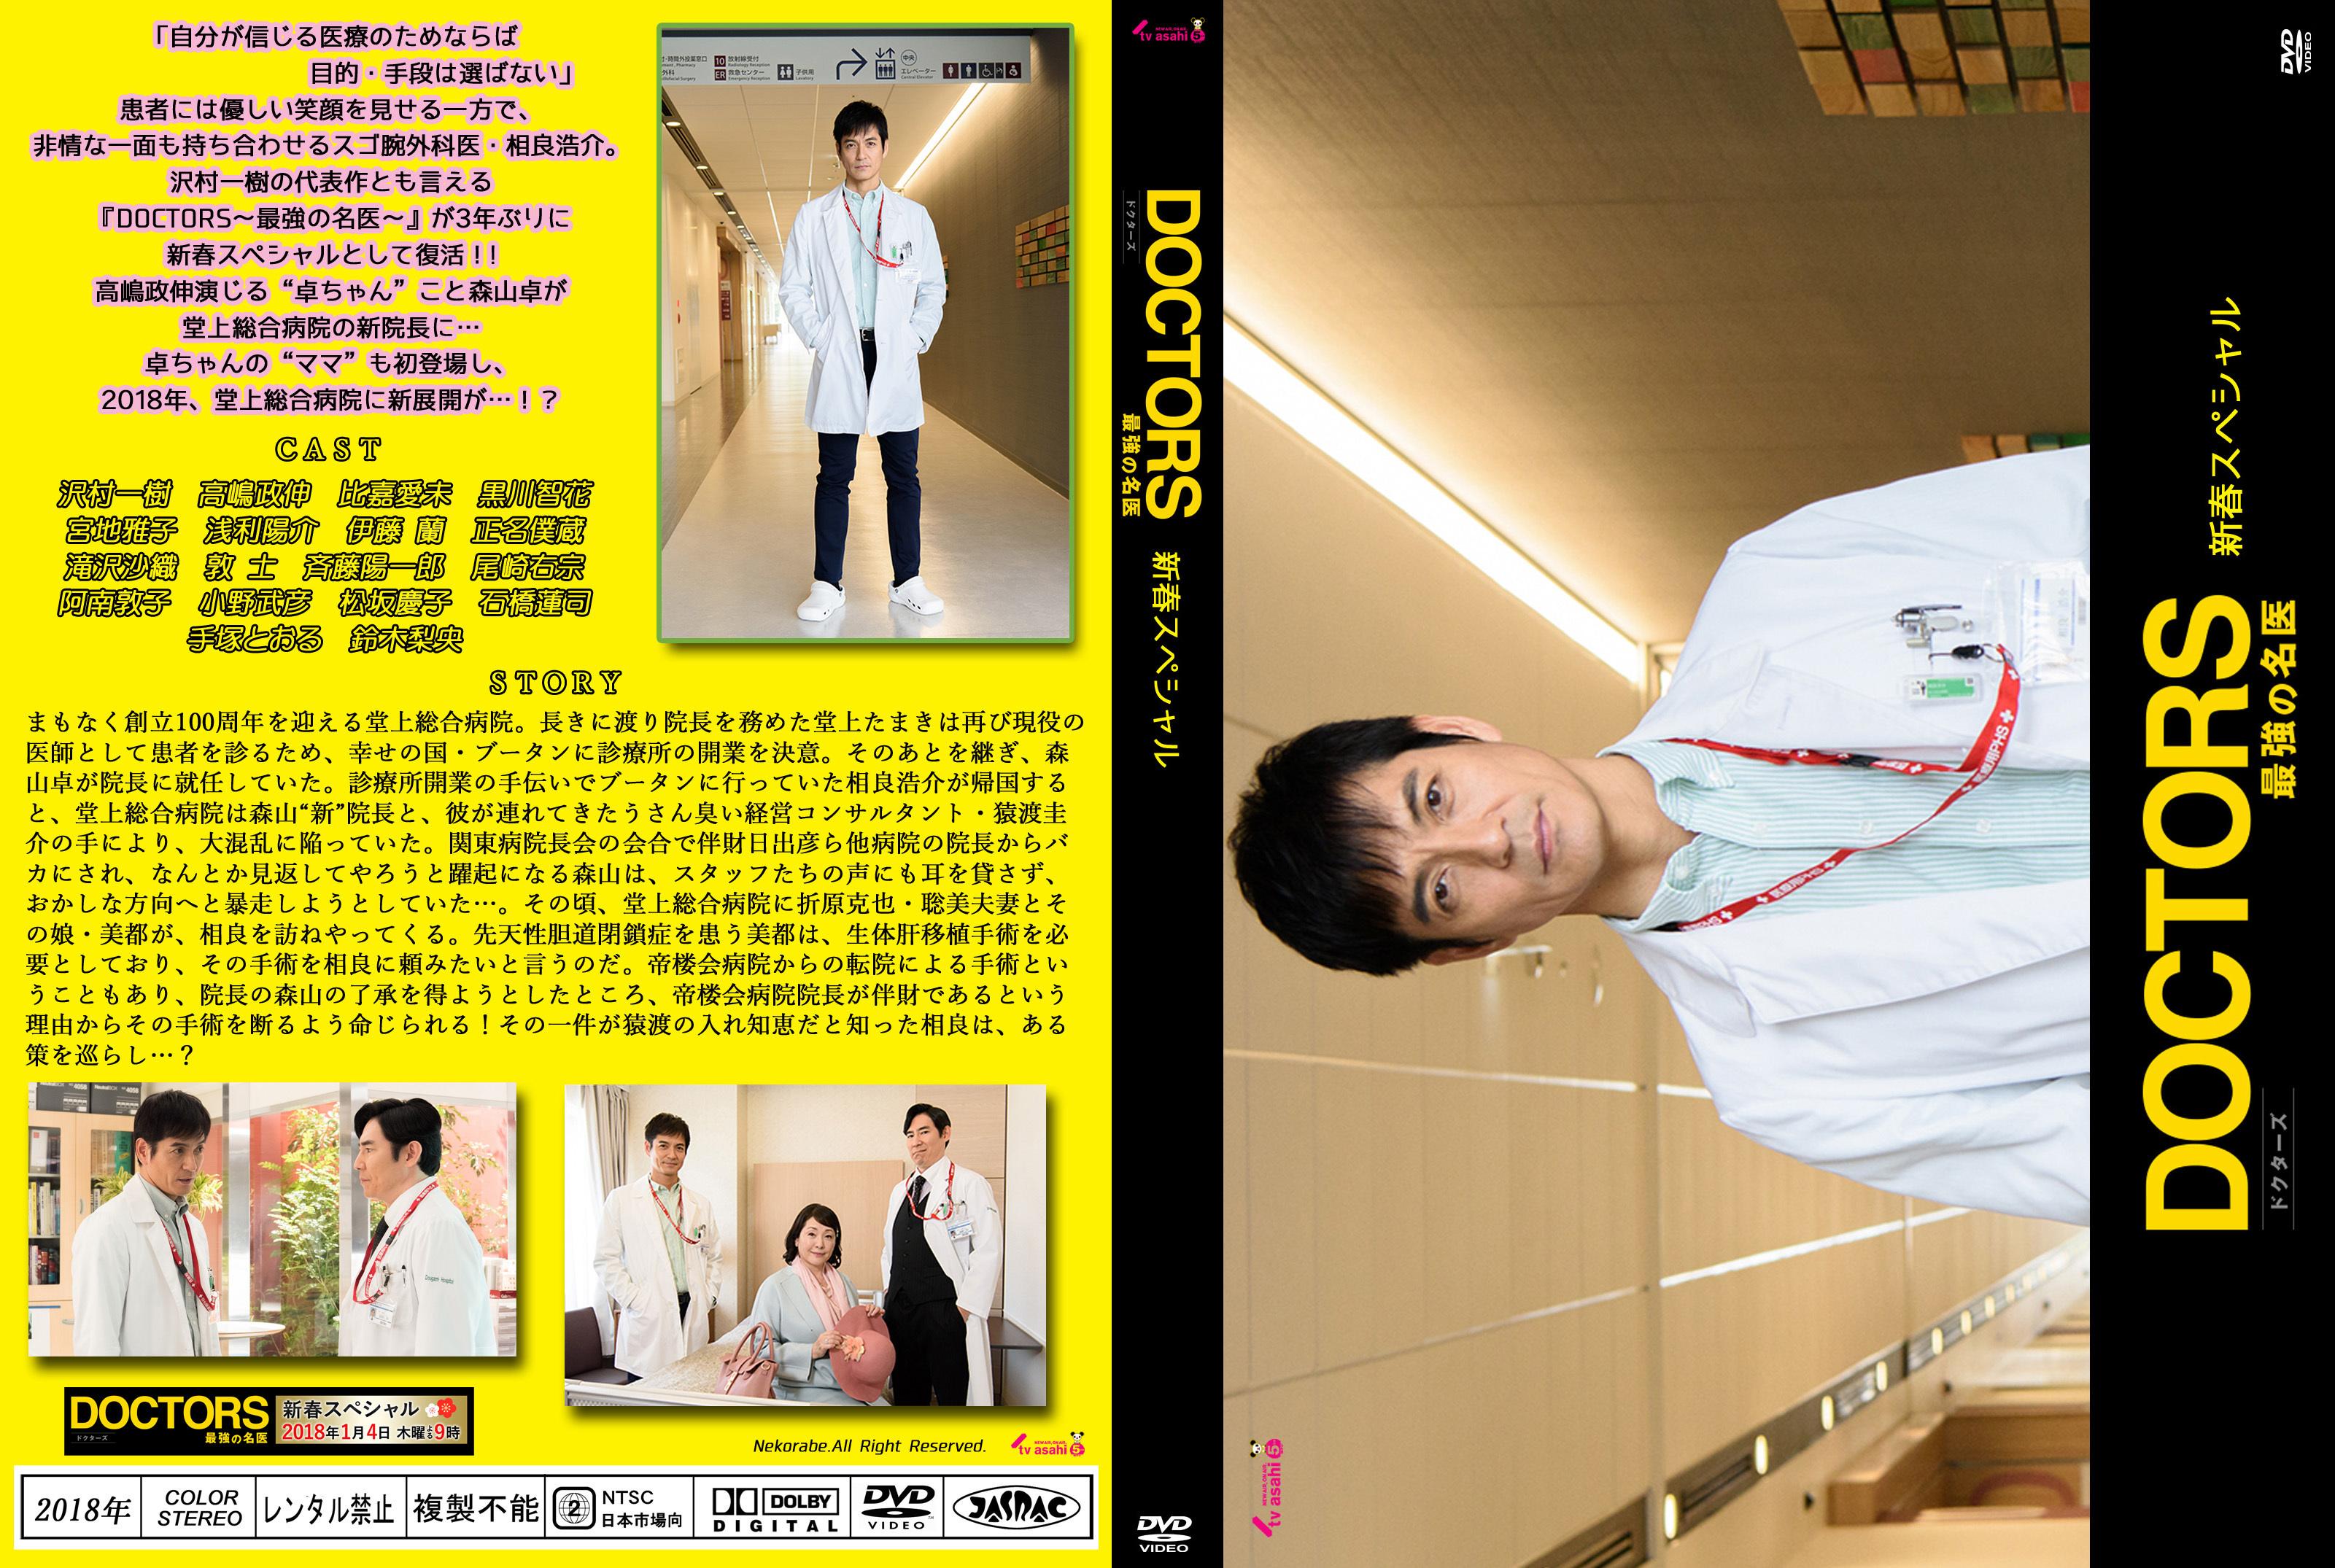 DOCTORS~最強の名医~ 新春スペシャル - へたっぴな自作DVDラベル&ジャケット